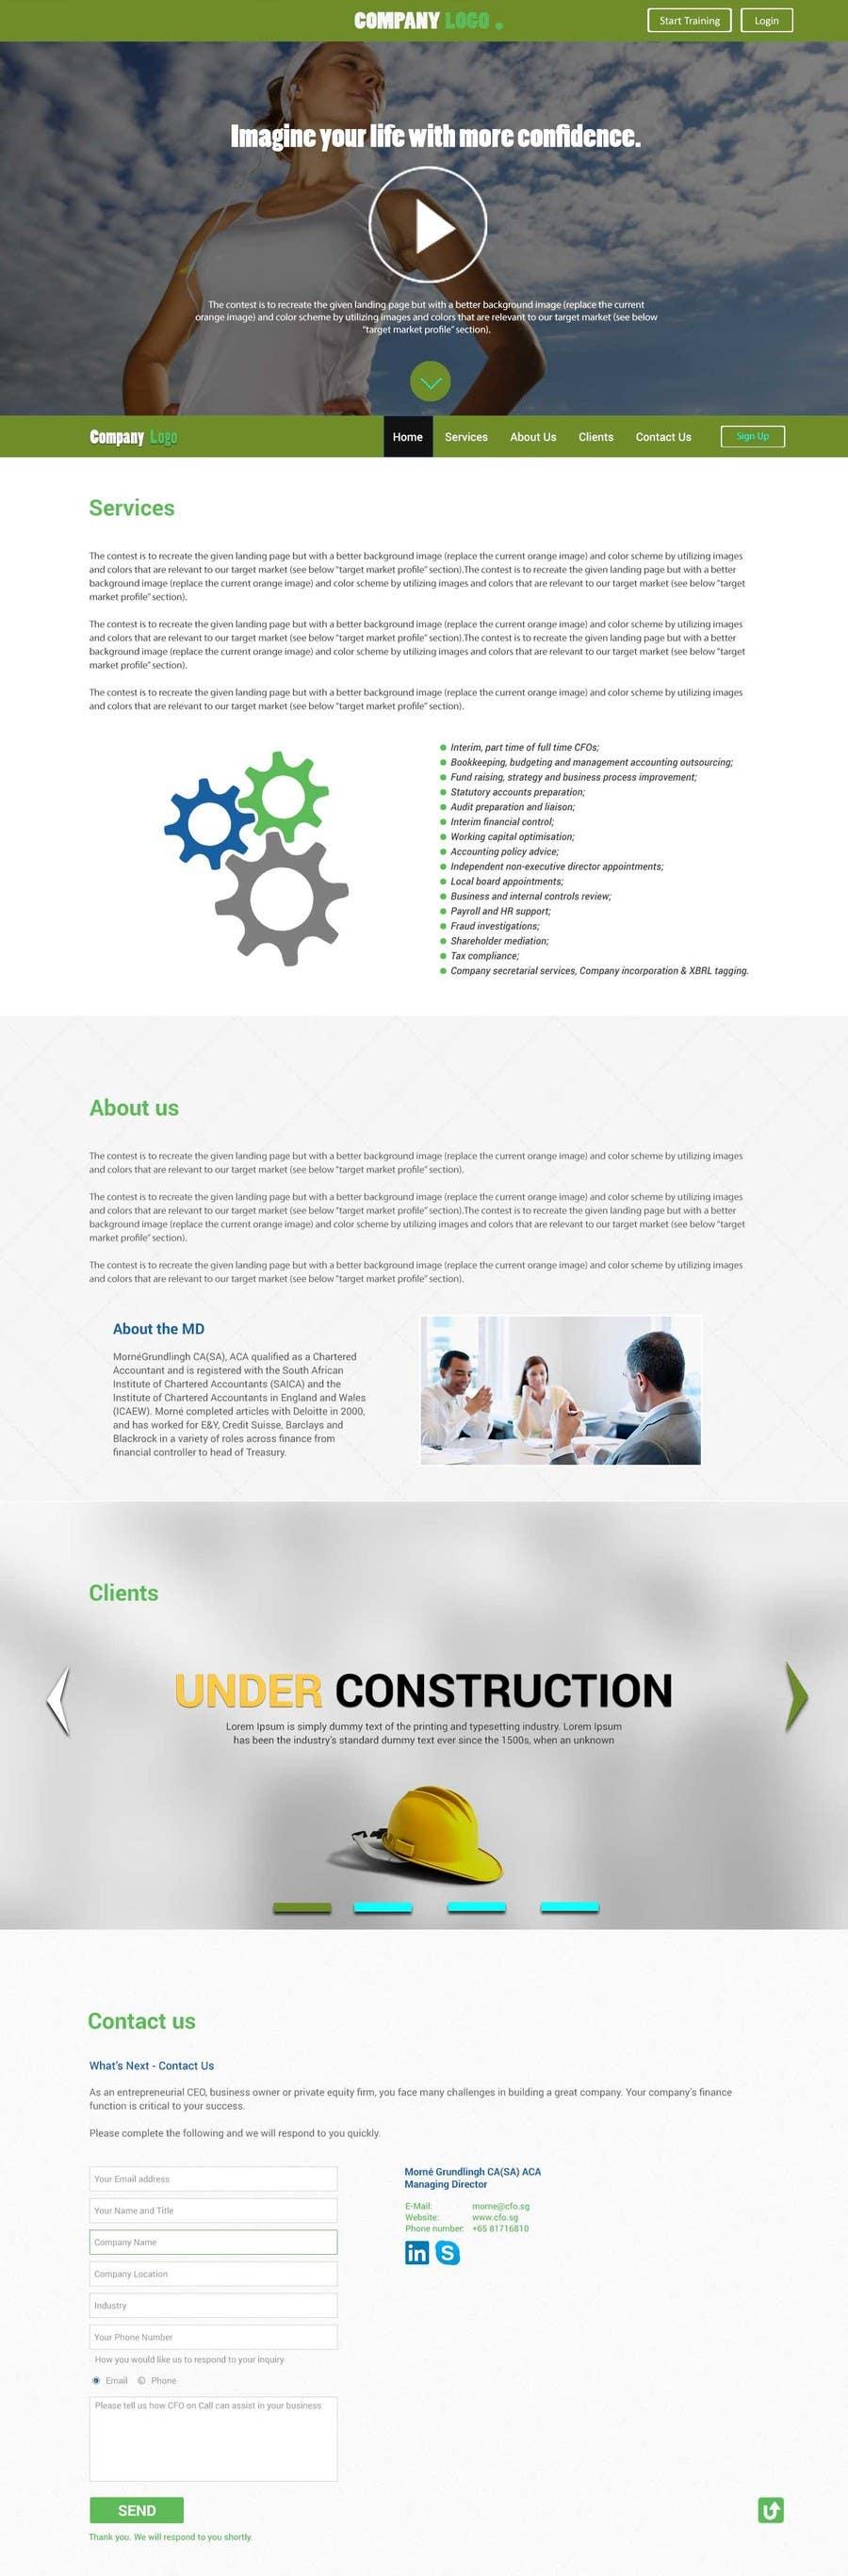 Penyertaan Peraduan #                                        11                                      untuk                                         Creative Landing Page Design